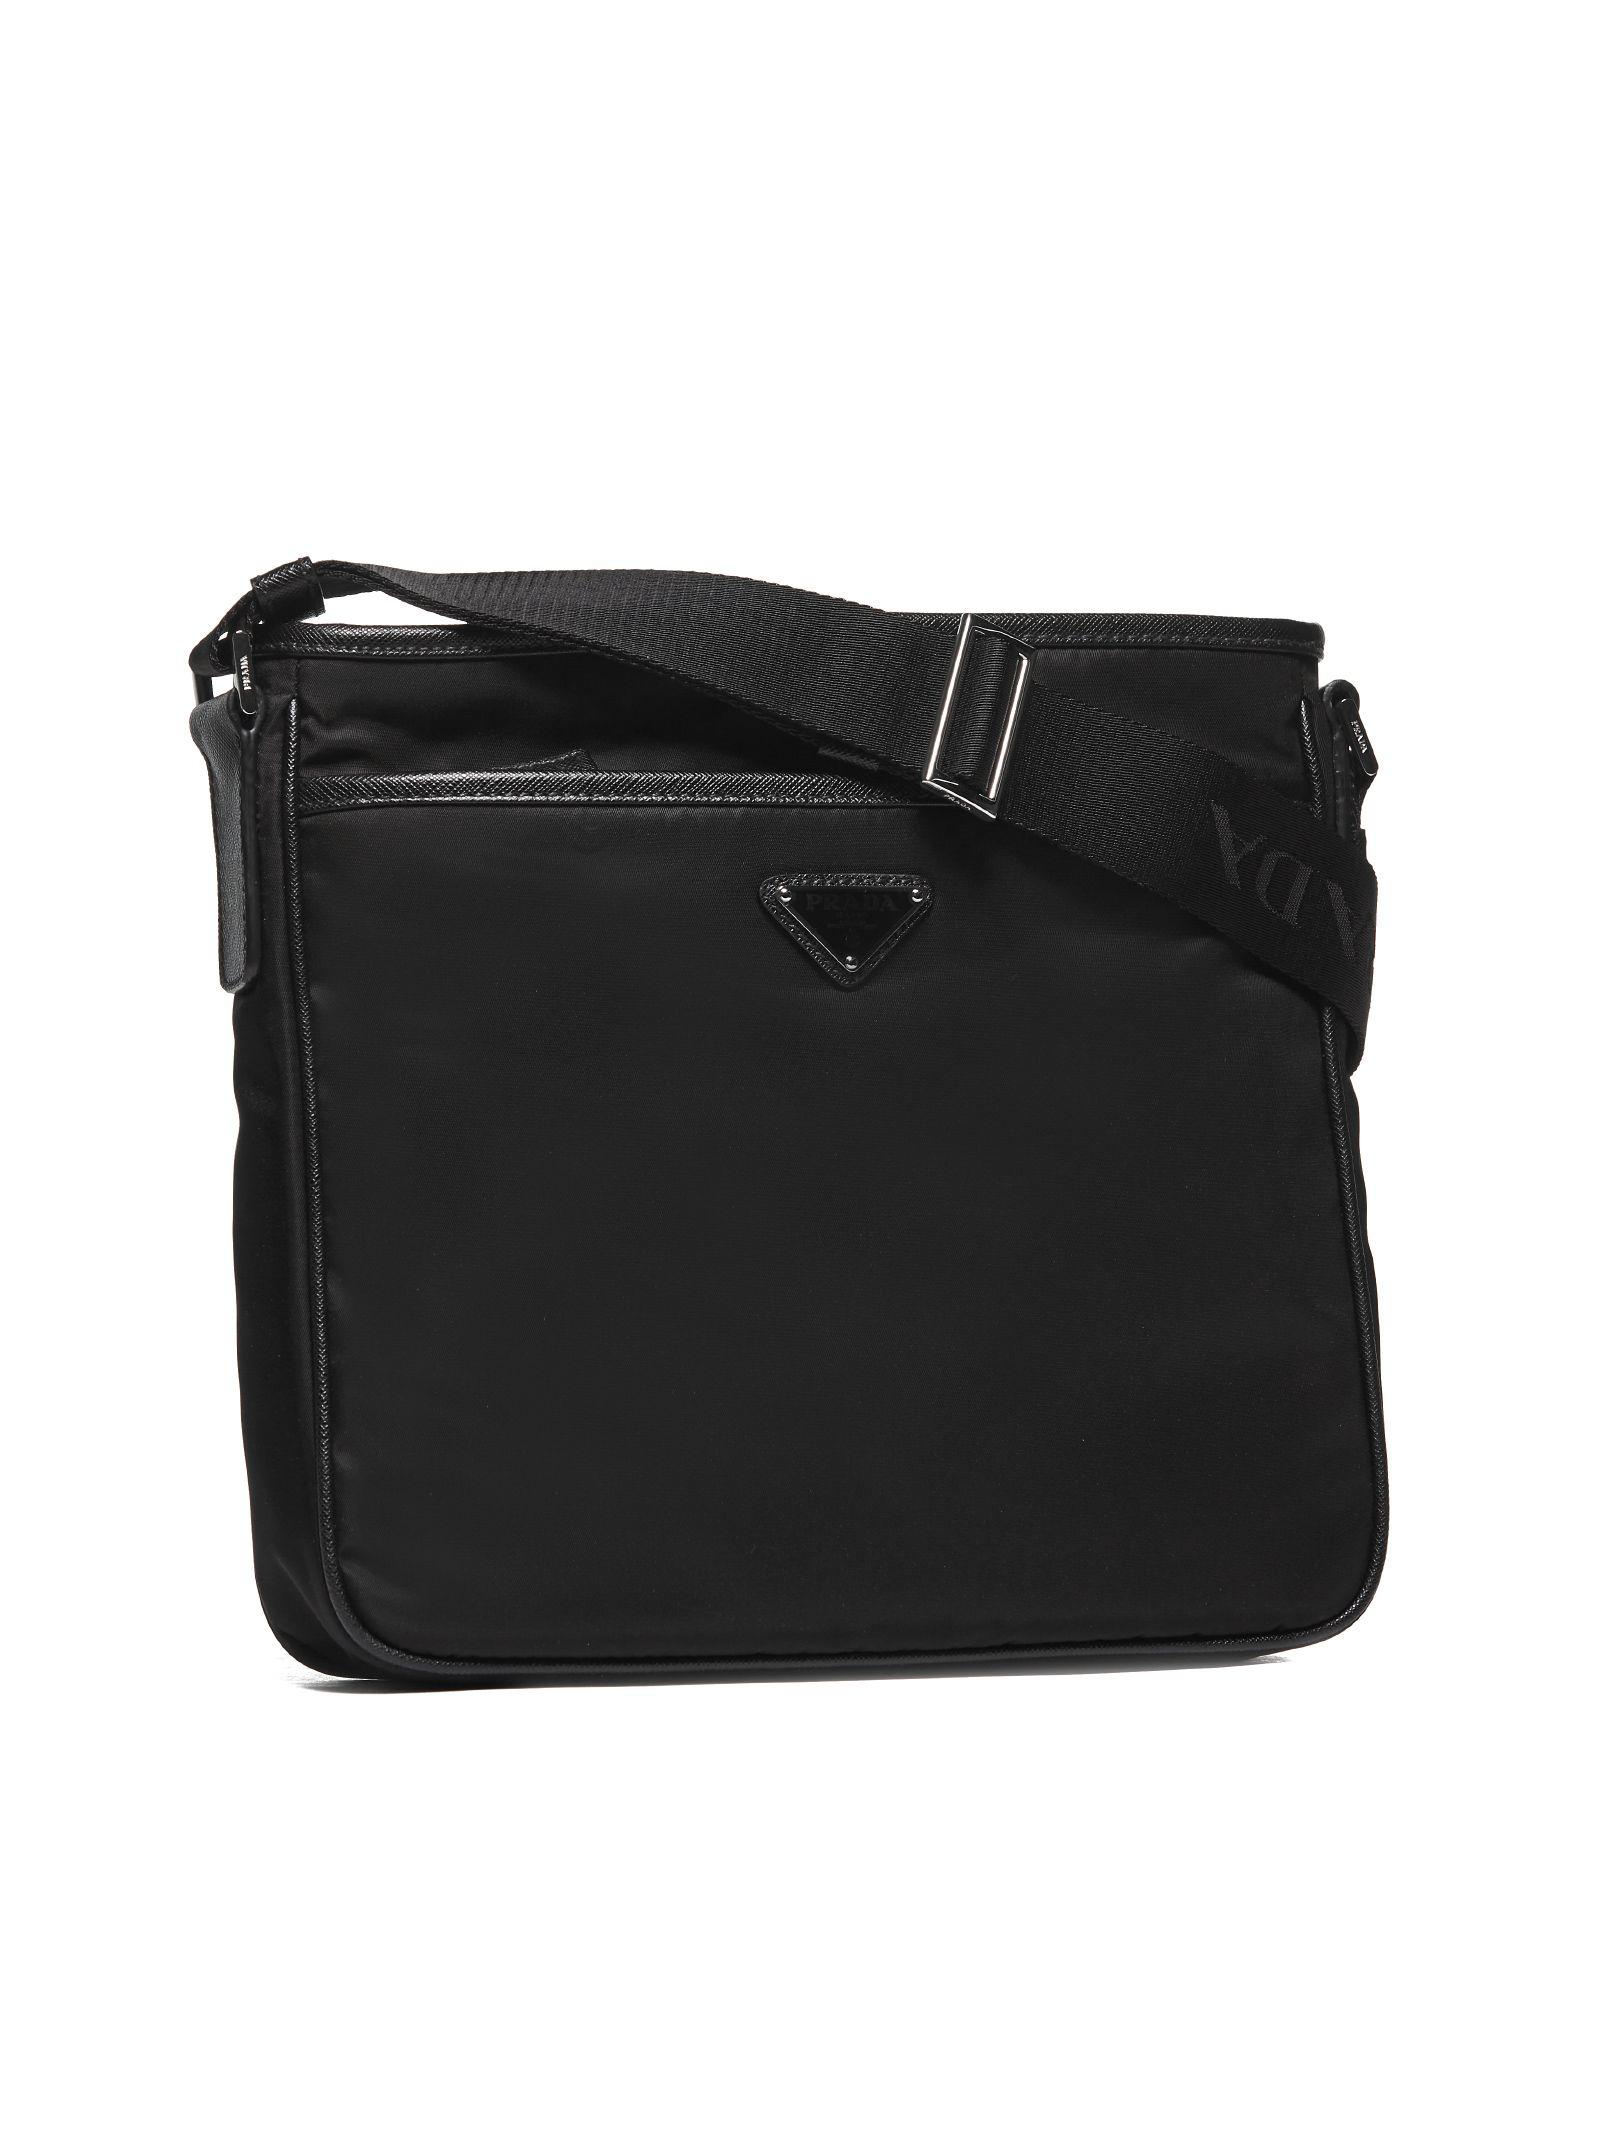 1c7006a05fac26 Prada Logo Plaque Messenger Shoulder Bag In Nero | ModeSens